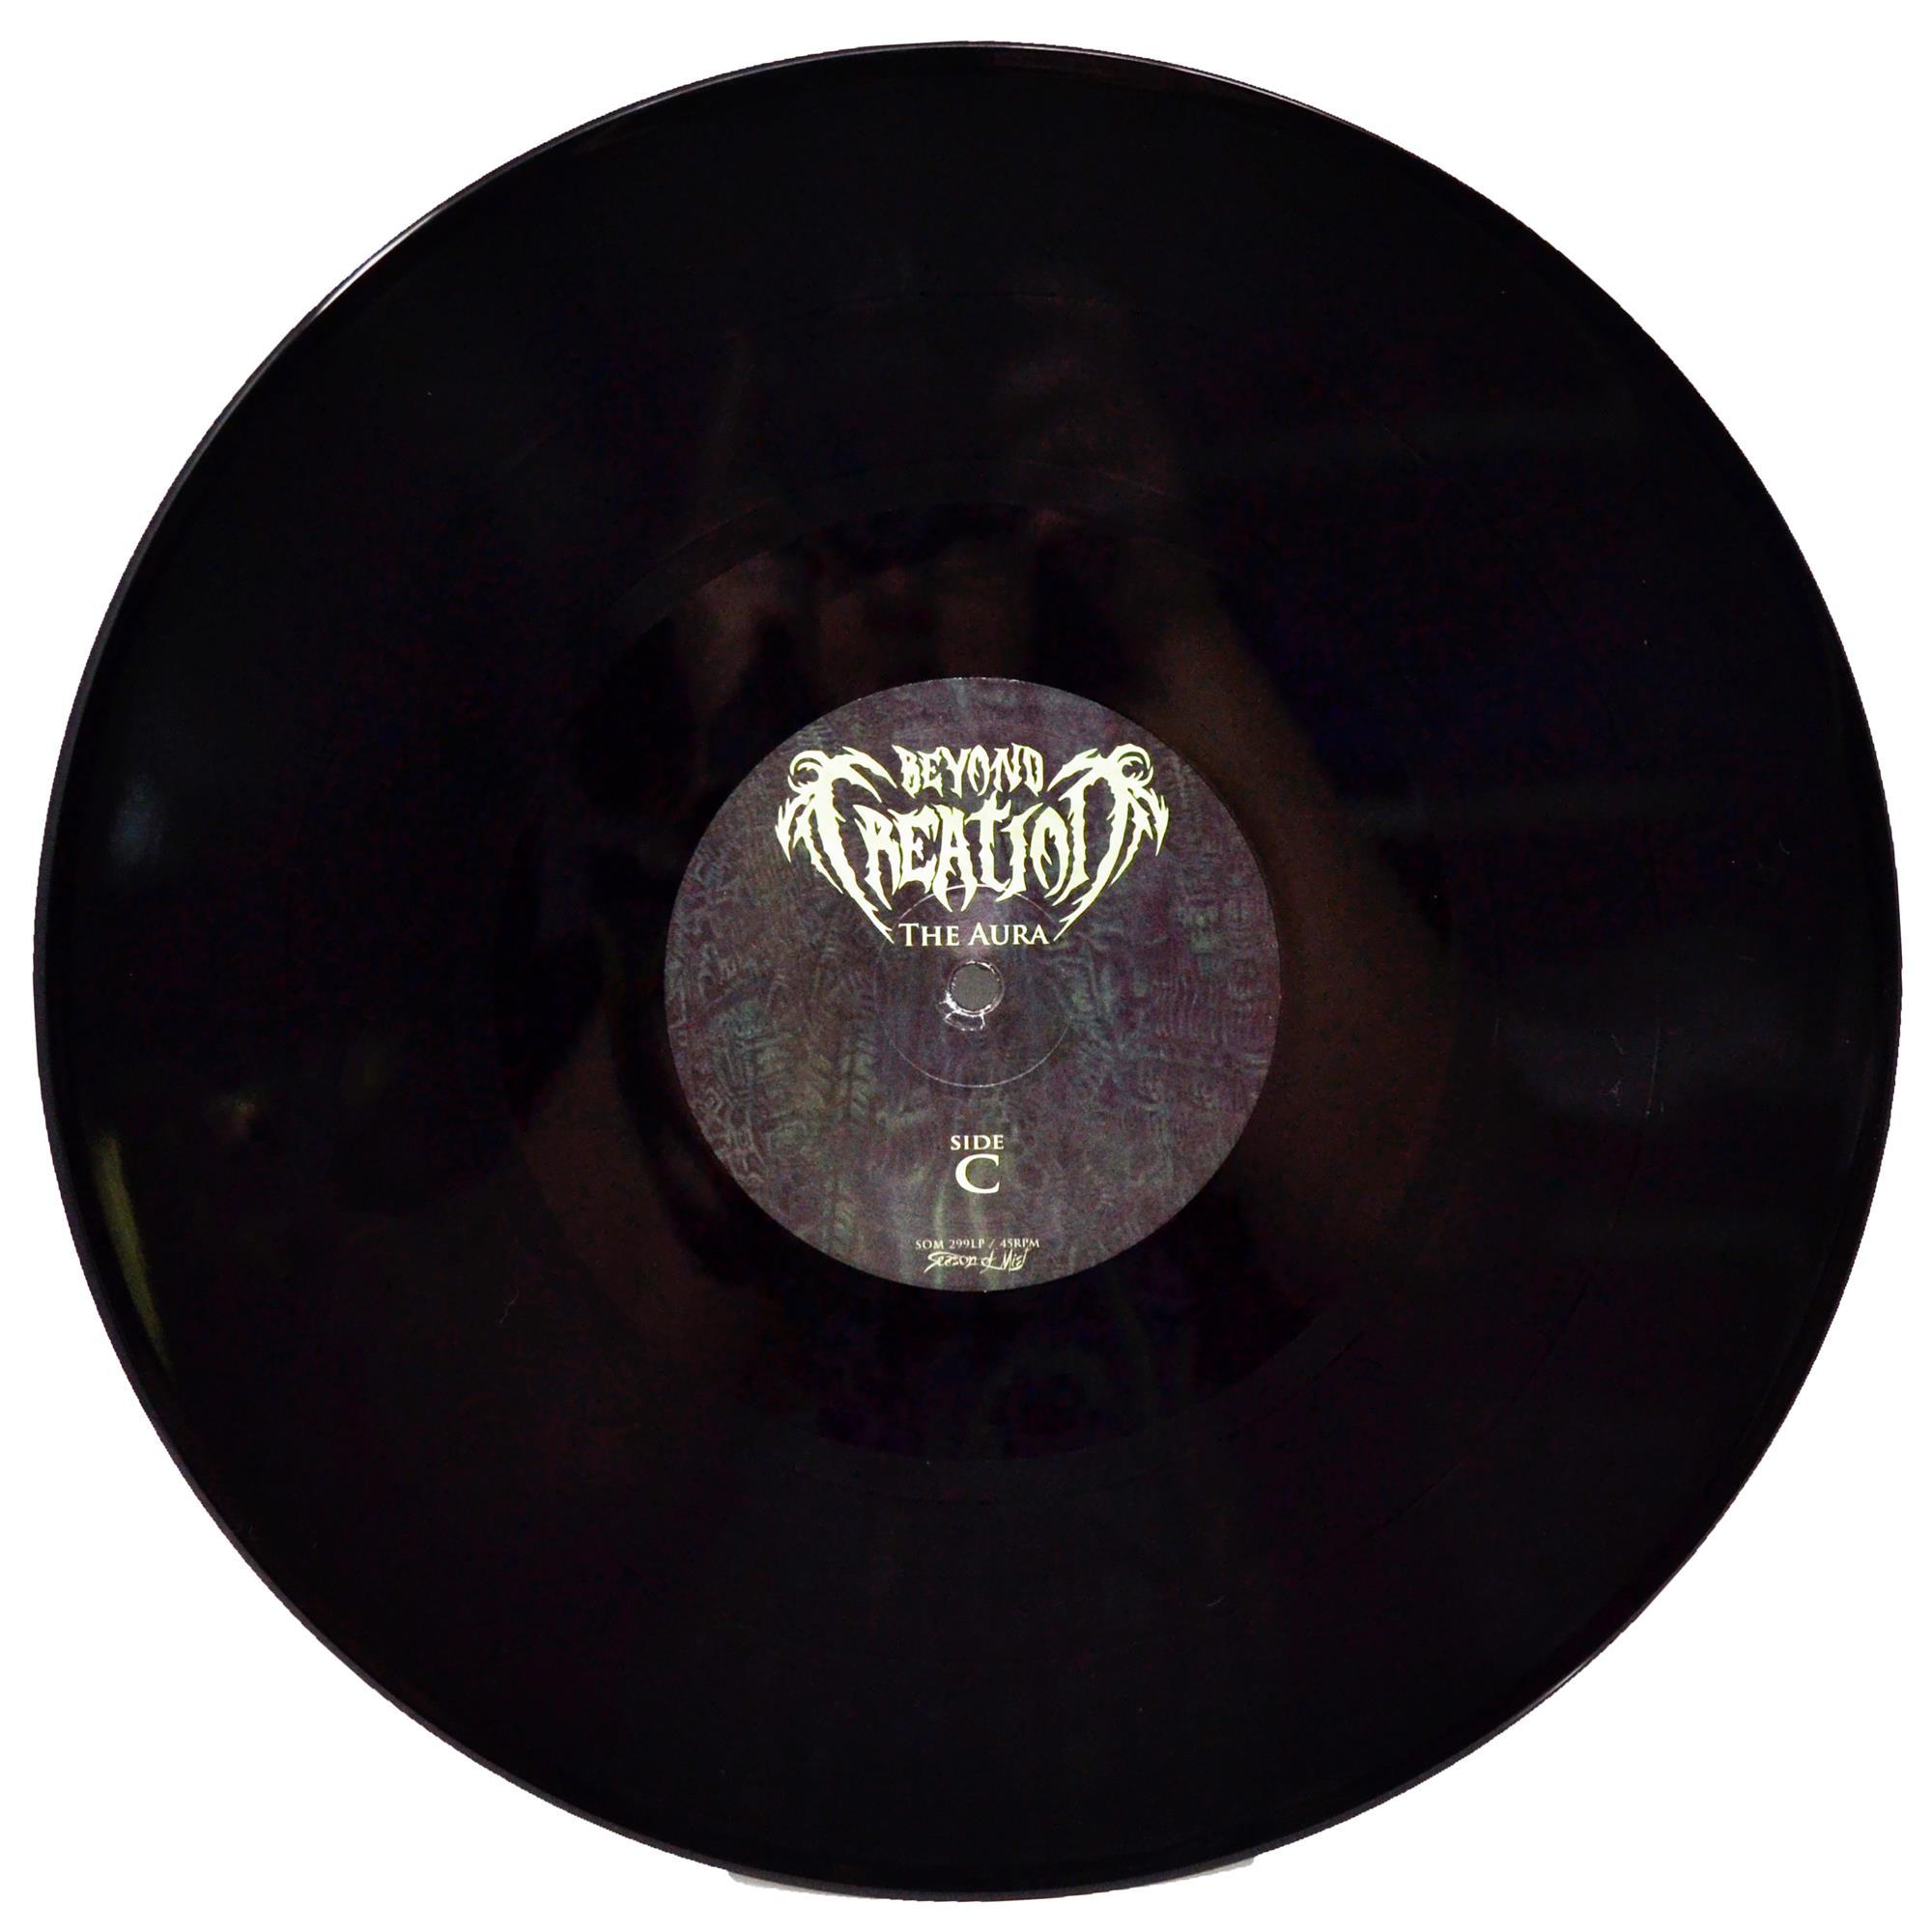 Aura Vinyl